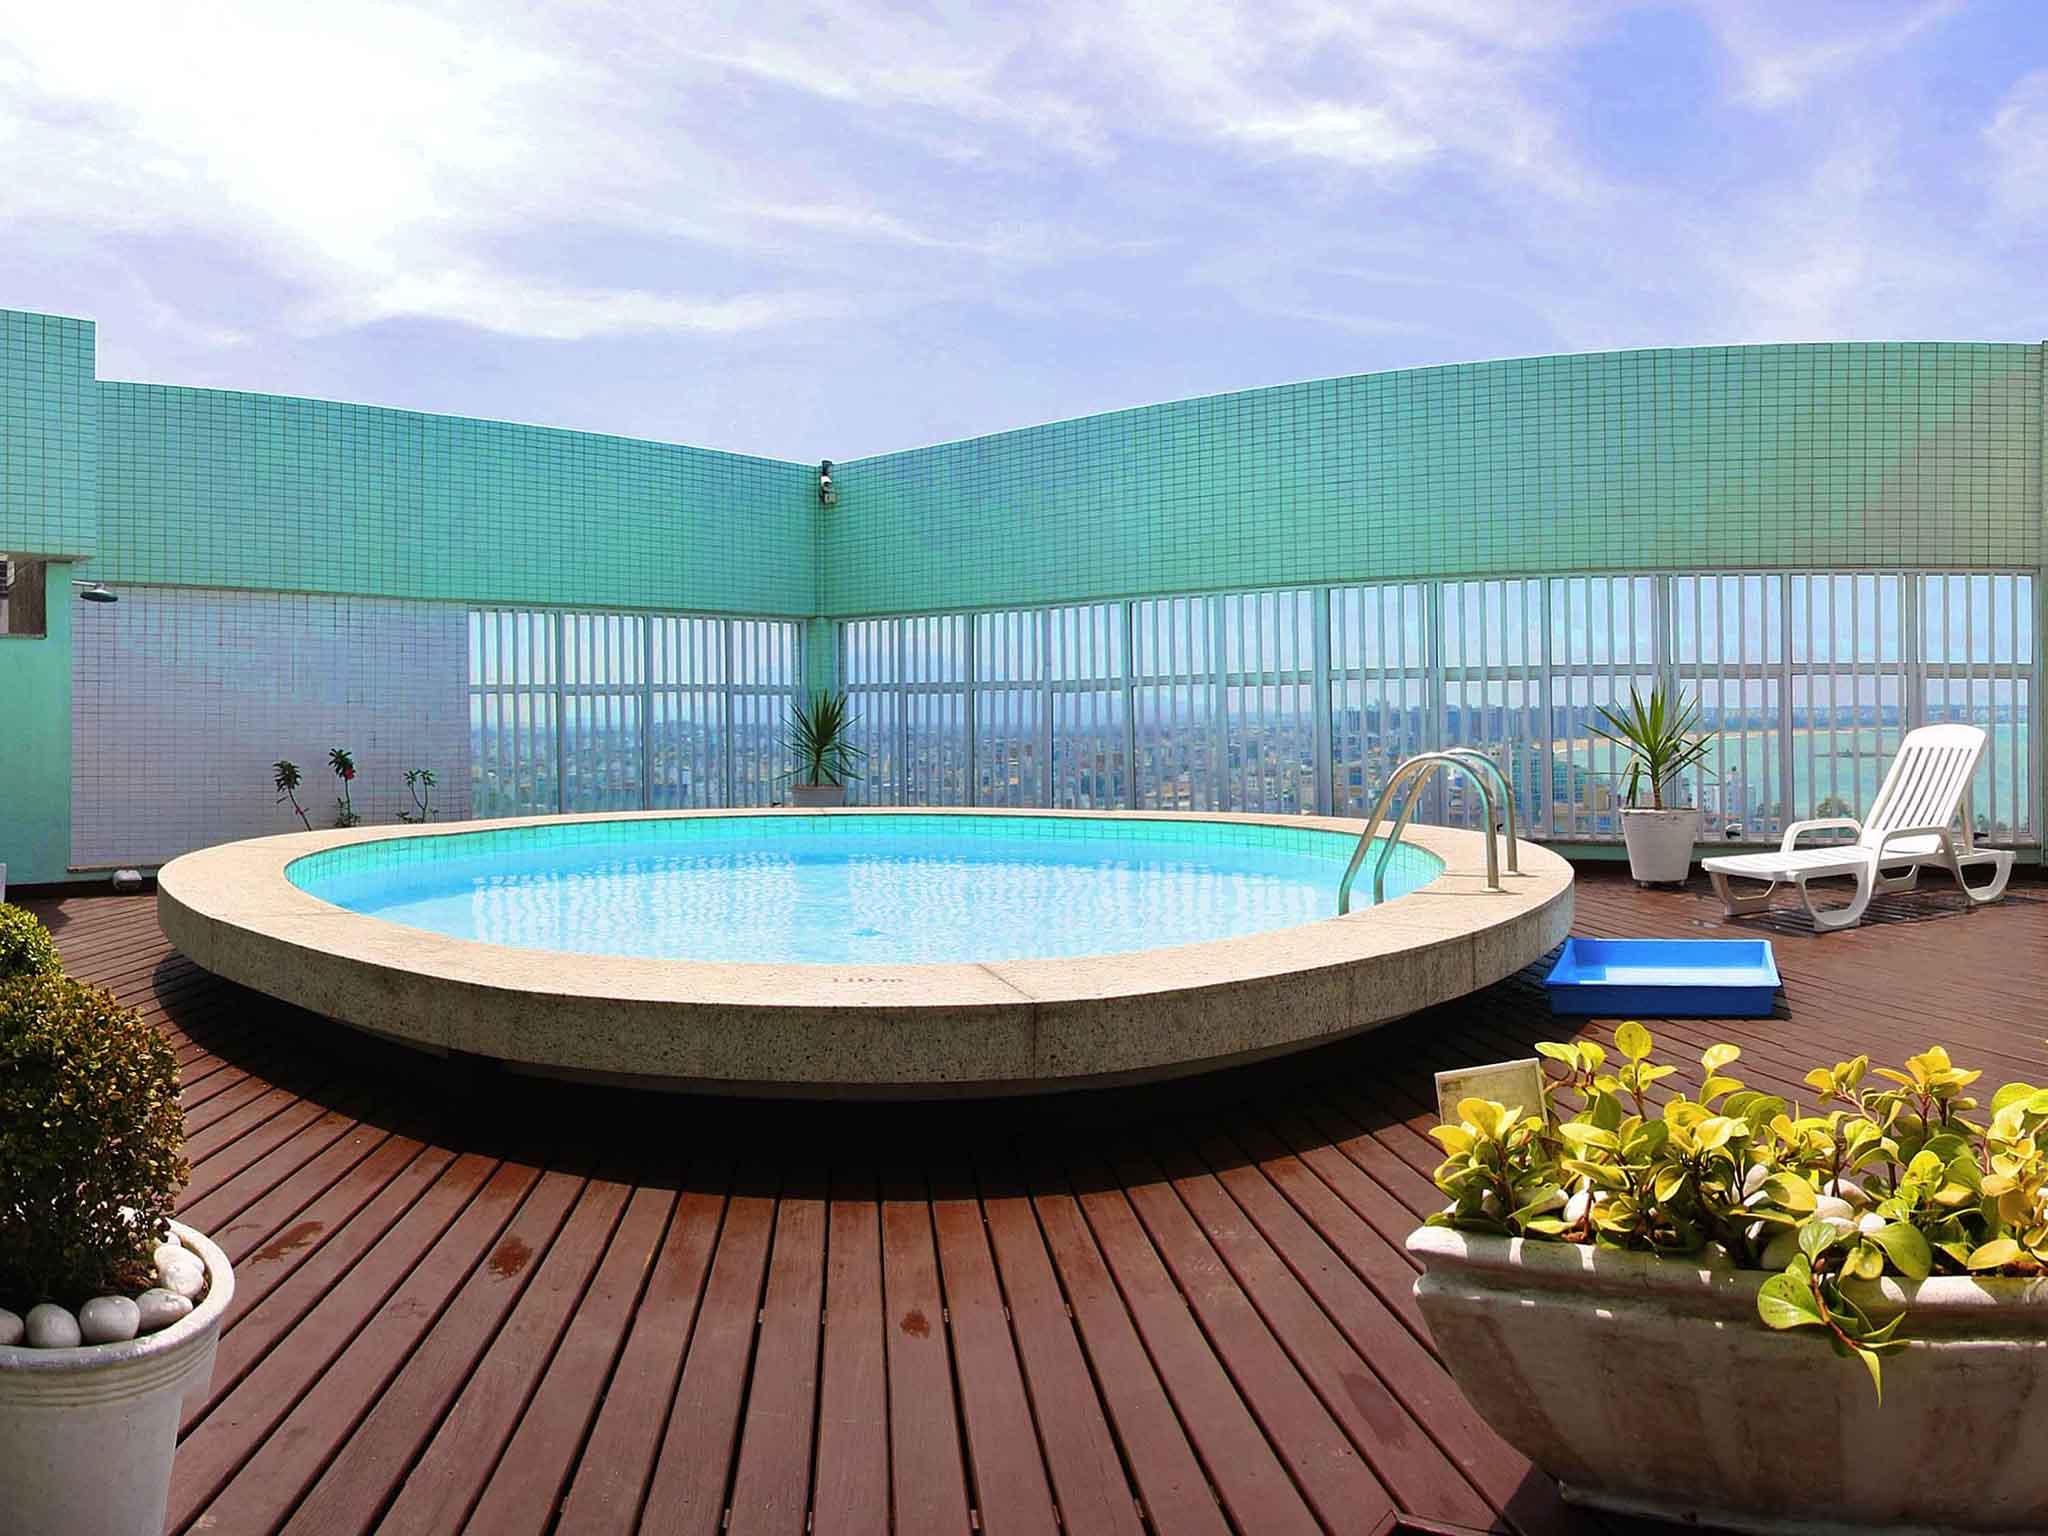 Hotel Mercure Vitoria